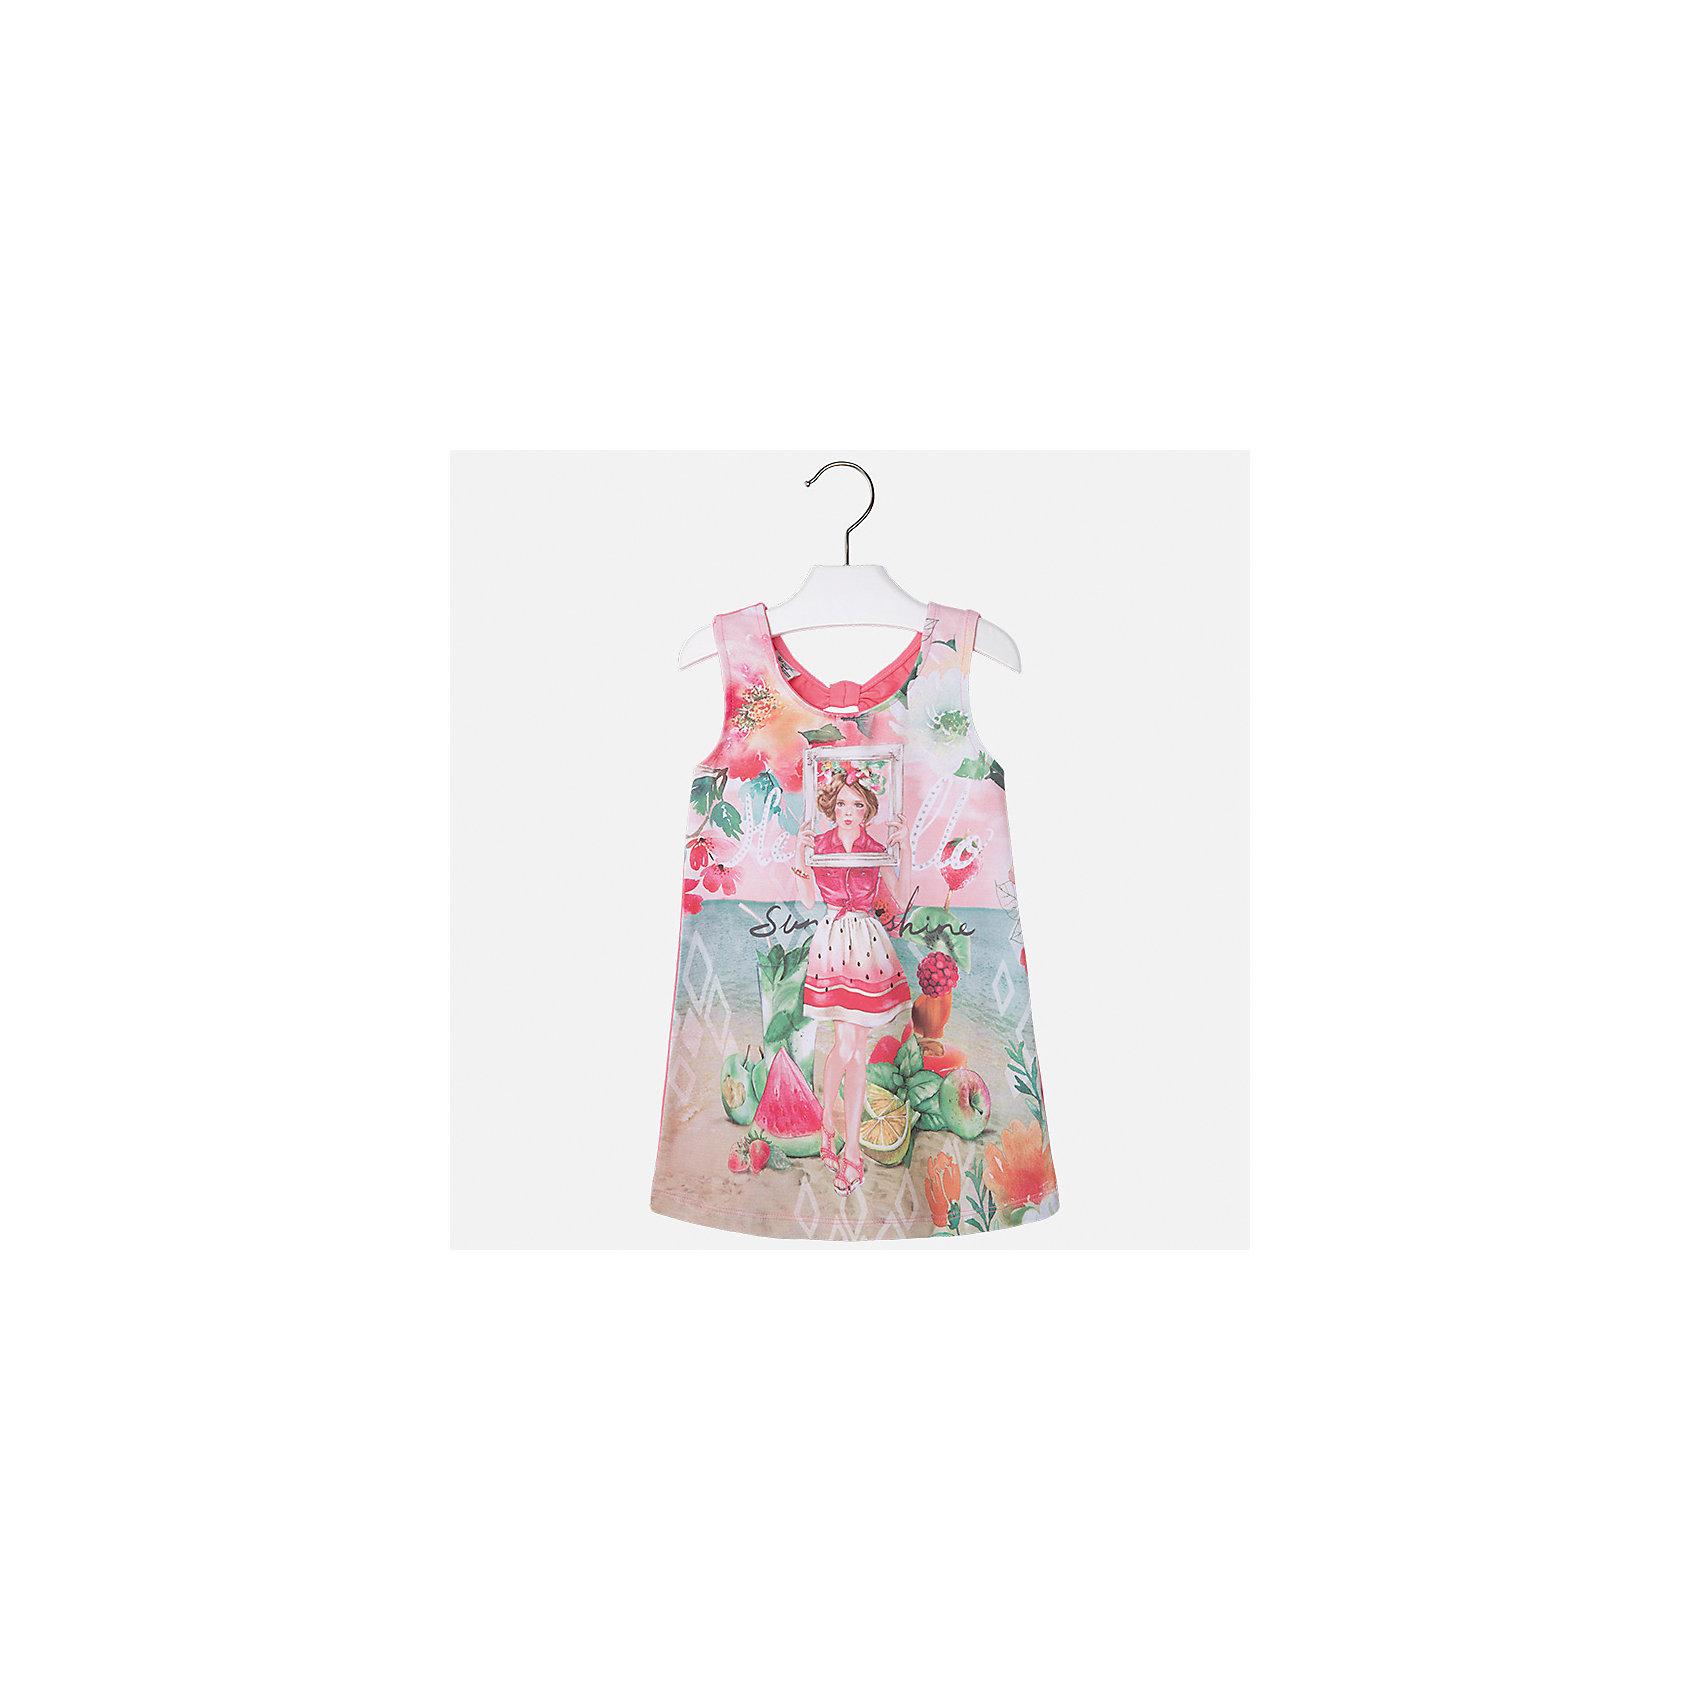 Платье для девочки MayoralПлатья и сарафаны<br>Характеристики товара:<br><br>• цвет: розовый<br>• состав: 92% хлопок, 8% эластан<br>• без застежки<br>• принт<br>• без рукавов<br>• без подкладки<br>• страна бренда: Испания<br><br>Модное красивое платье для девочки поможет разнообразить гардероб ребенка и создать эффектный наряд. Оно отлично подойдет для различных случаев. Красивый оттенок позволяет подобрать к вещи обувь разных расцветок. Платье хорошо сидит по фигуре. . В составе материала - натуральный хлопок, гипоаллергенный, приятный на ощупь, дышащий.<br><br>Одежда, обувь и аксессуары от испанского бренда Mayoral полюбились детям и взрослым по всему миру. Модели этой марки - стильные и удобные. Для их производства используются только безопасные, качественные материалы и фурнитура. Порадуйте ребенка модными и красивыми вещами от Mayoral! <br><br>Платье для девочки от испанского бренда Mayoral (Майорал) можно купить в нашем интернет-магазине.<br><br>Ширина мм: 236<br>Глубина мм: 16<br>Высота мм: 184<br>Вес г: 177<br>Цвет: оранжевый<br>Возраст от месяцев: 18<br>Возраст до месяцев: 24<br>Пол: Женский<br>Возраст: Детский<br>Размер: 92,134,98,104,110,116,122,128<br>SKU: 5291498